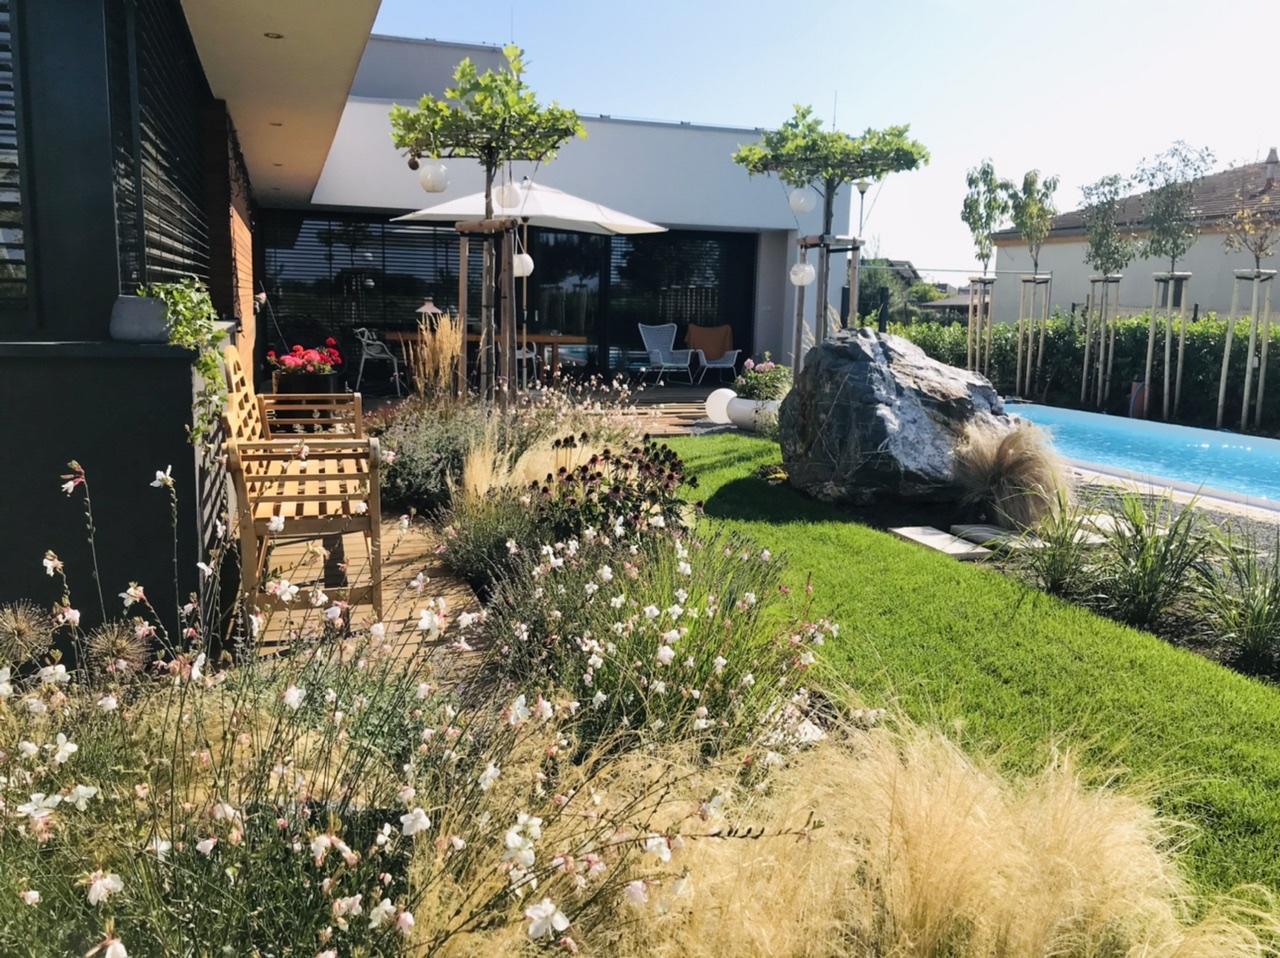 Naše L-ko - 2021 - stále dokončujeme - Slnečné, pokojné ránno na terase, obĺubene miesto pre kávičku na lavičke obklopenej kvetmi, ktorých voňa je všade naokolo.